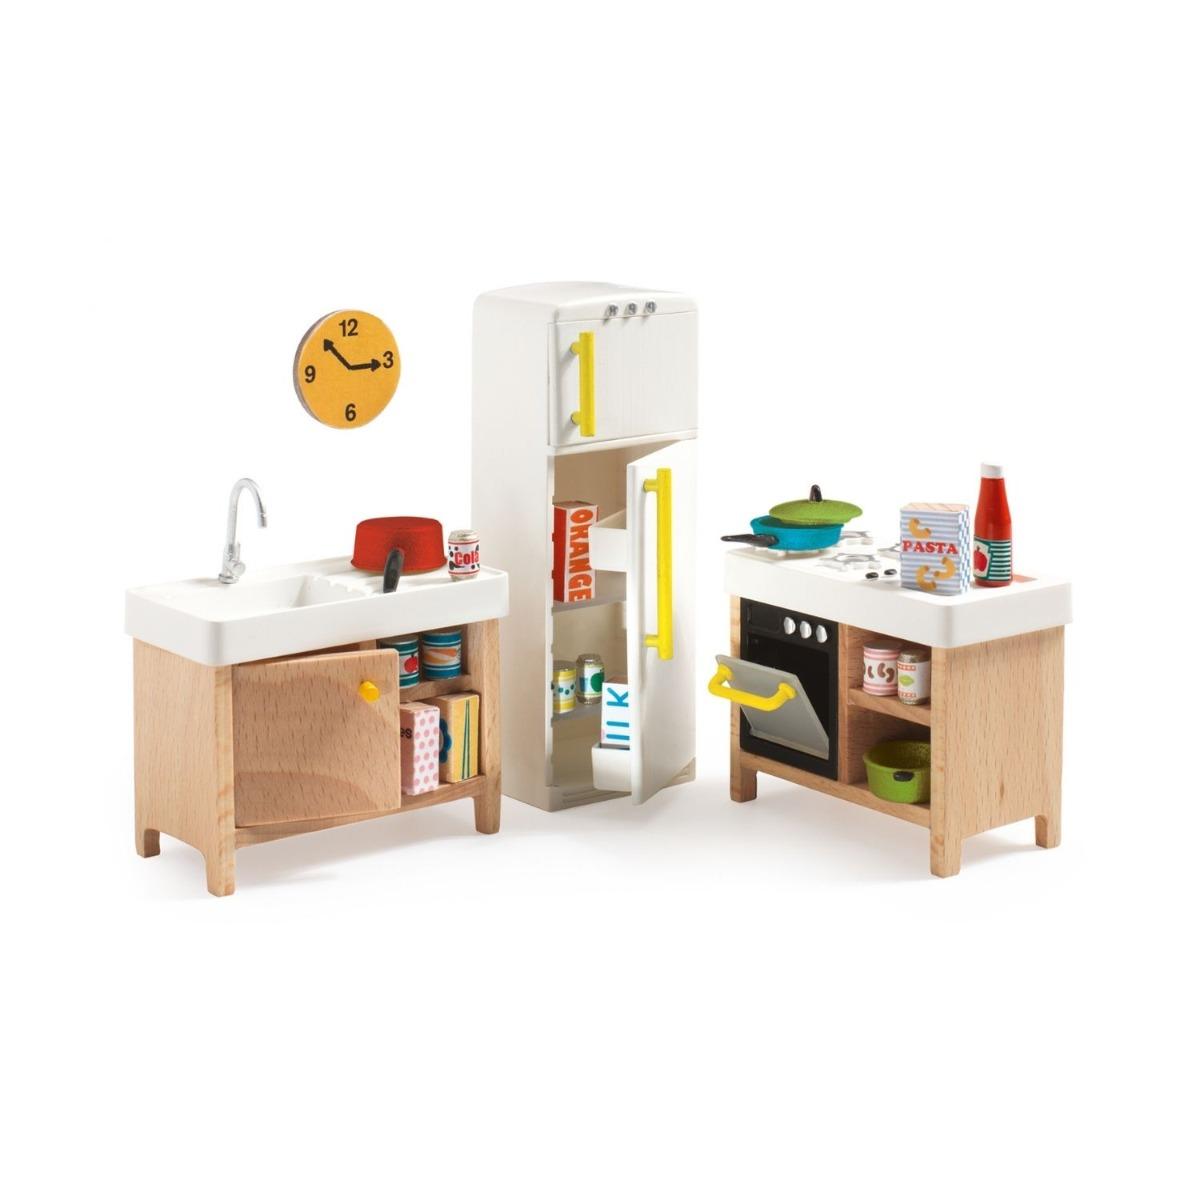 Designtorget Dockskåpsmöbler Kök